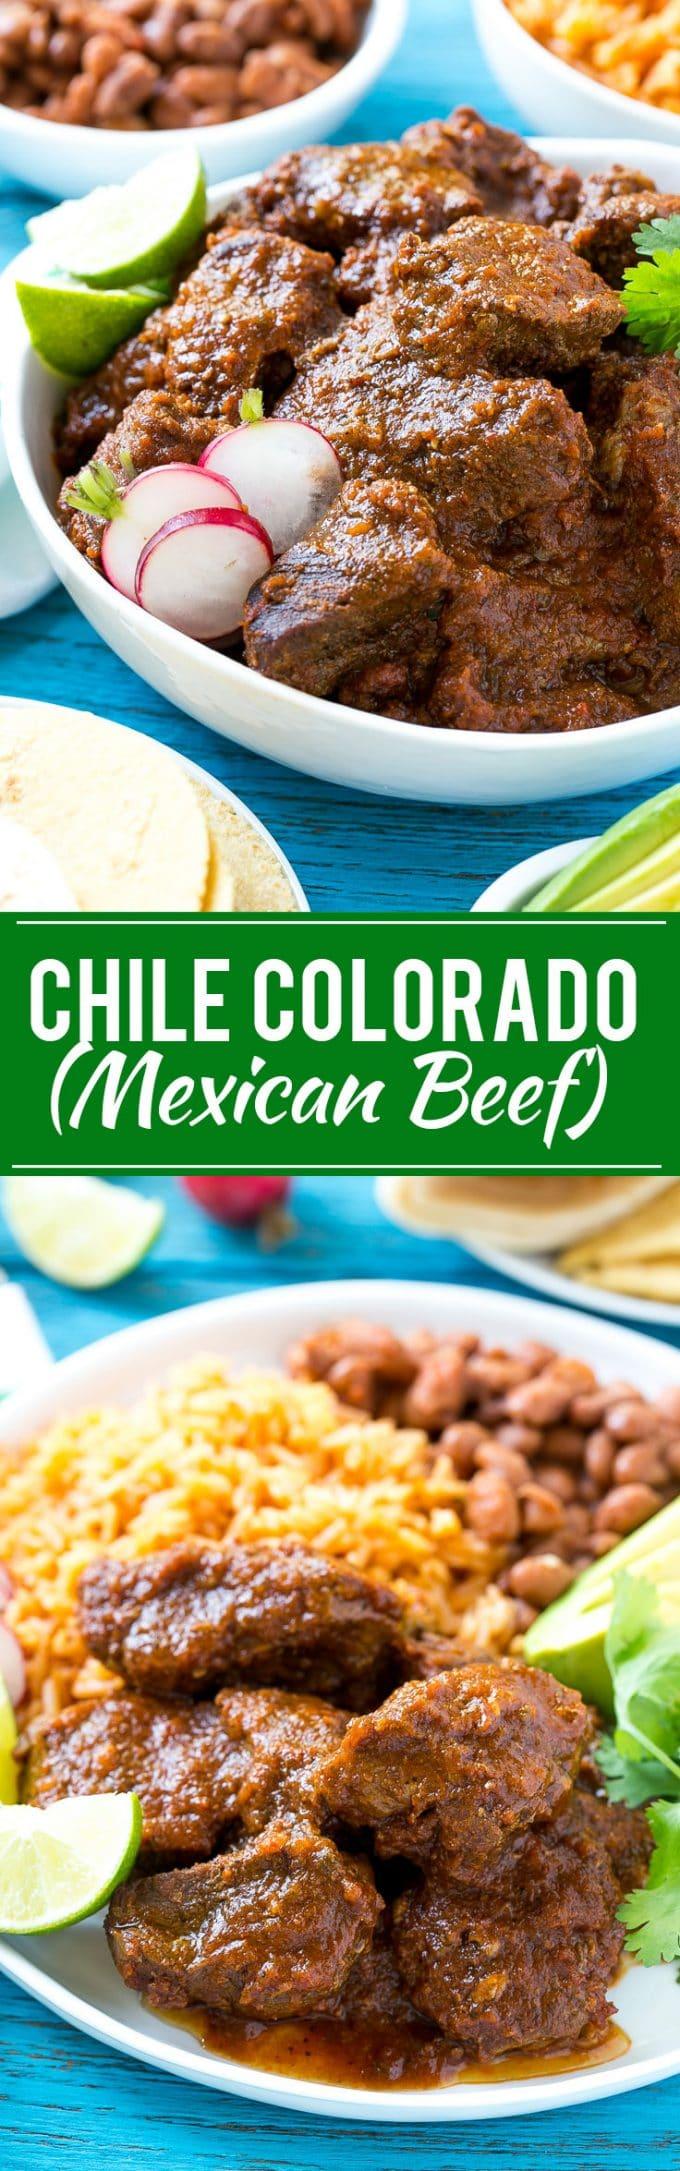 Chile Colorado Recipe | Mexican Beef | Chili Colorado #beef #chilies #mexicanfood #dinner #dinneratthezoo